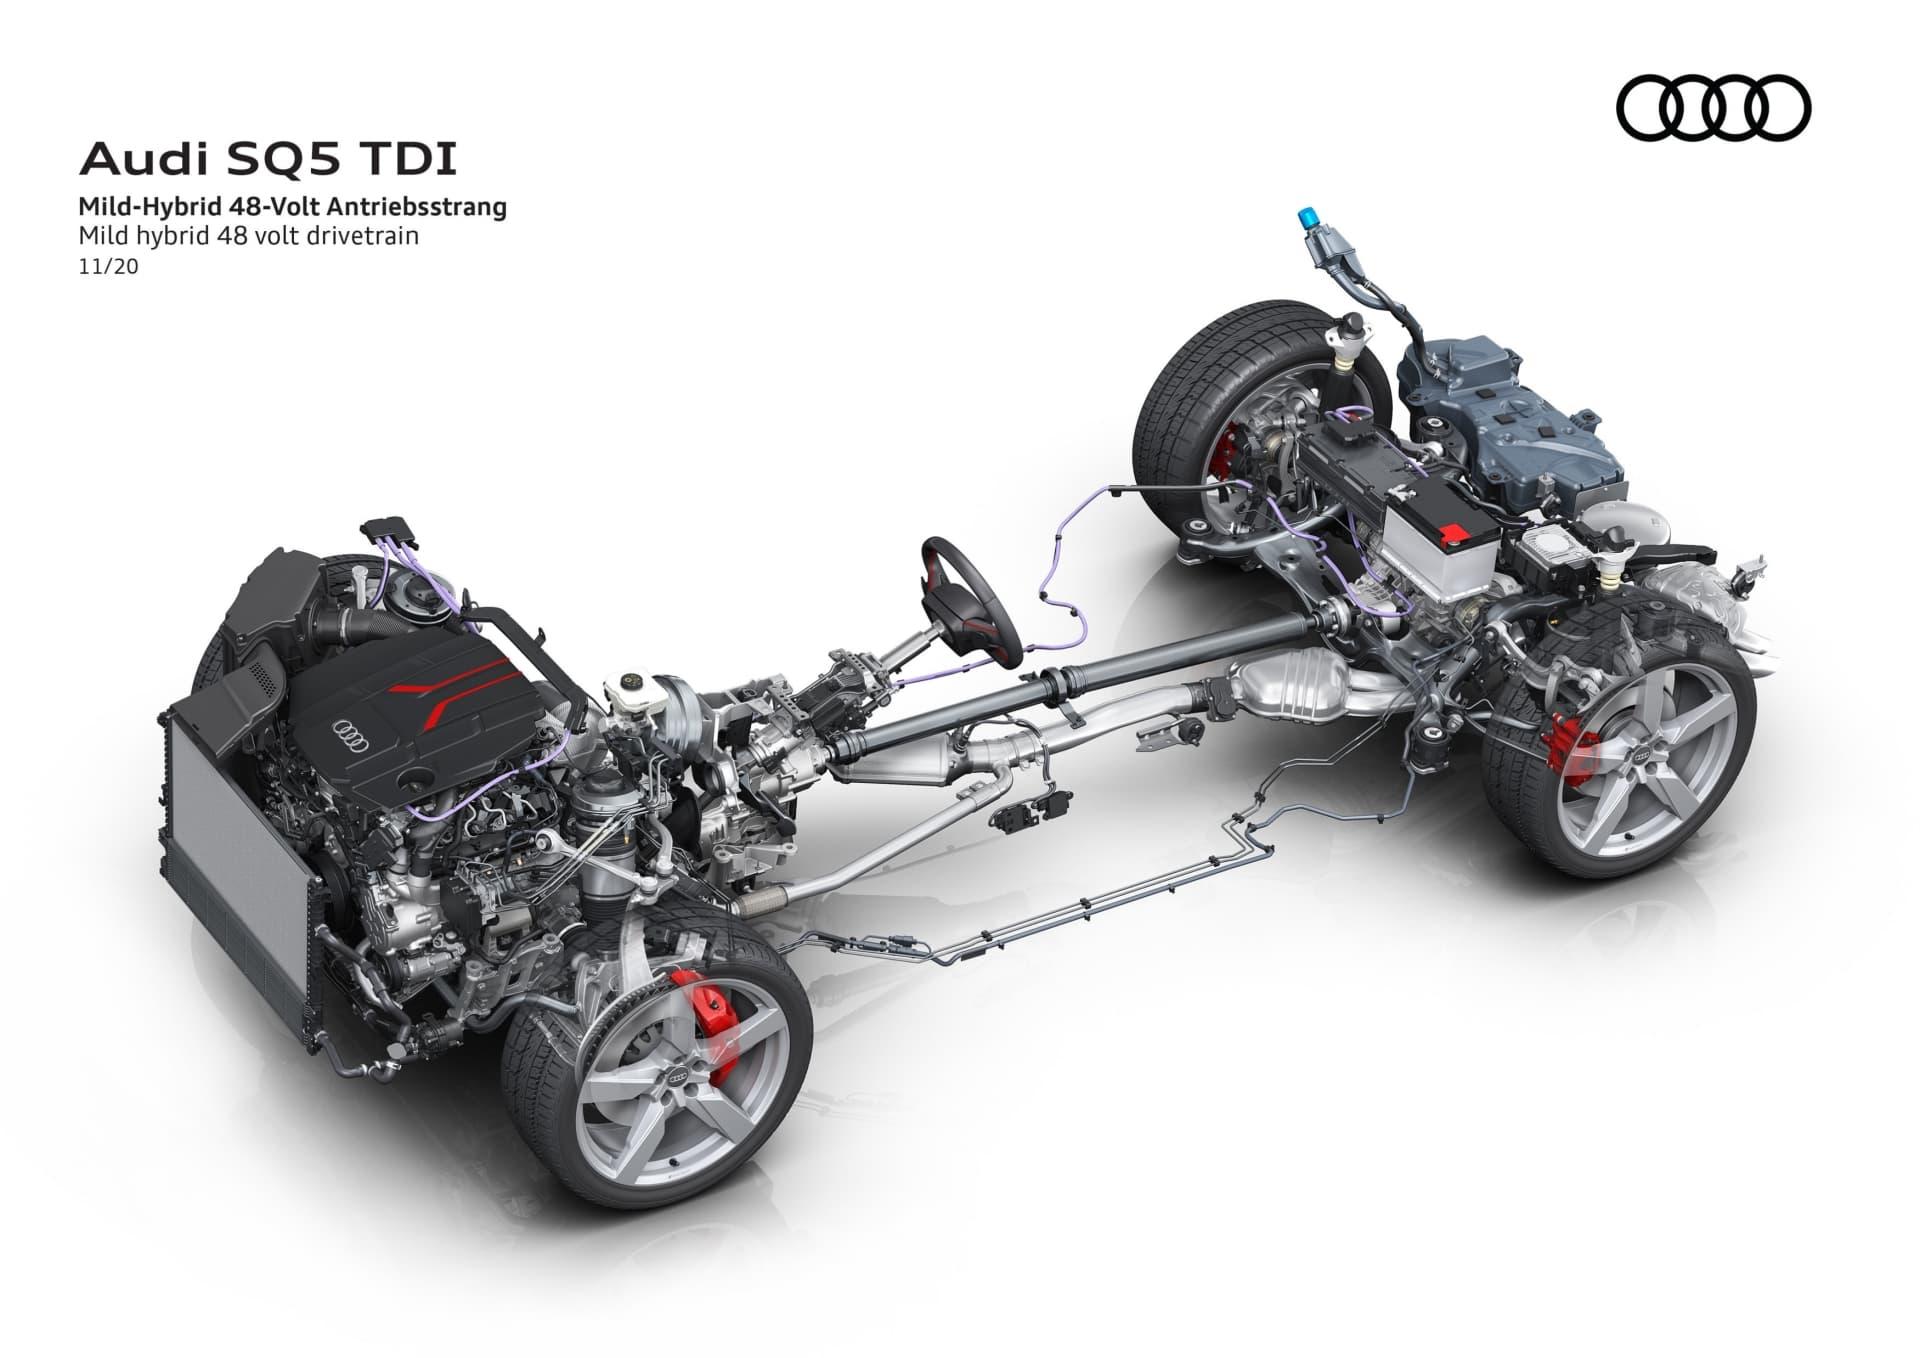 Audi Sq5 Tdi 2021 14